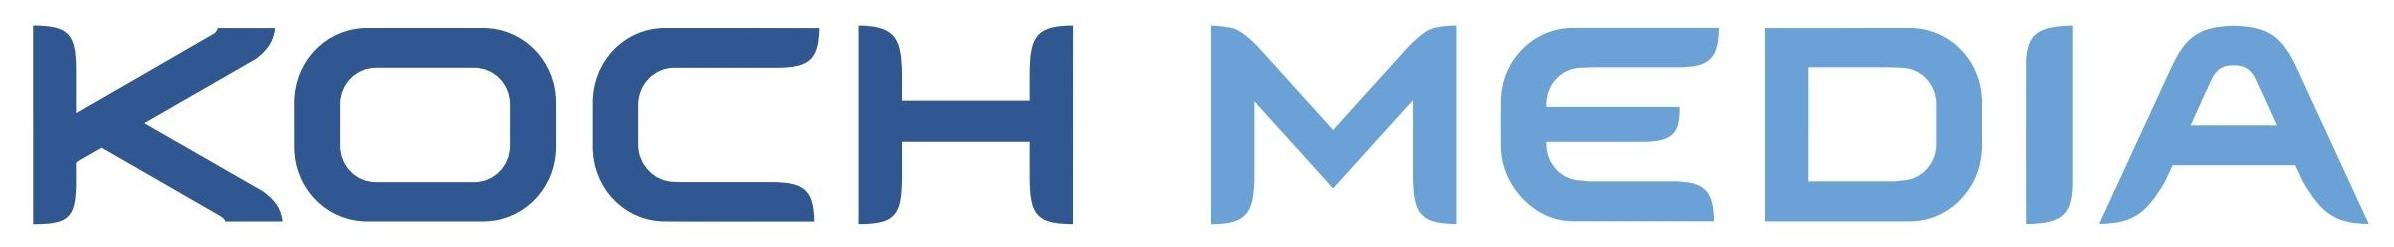 Koch Media Logo [EPS] png